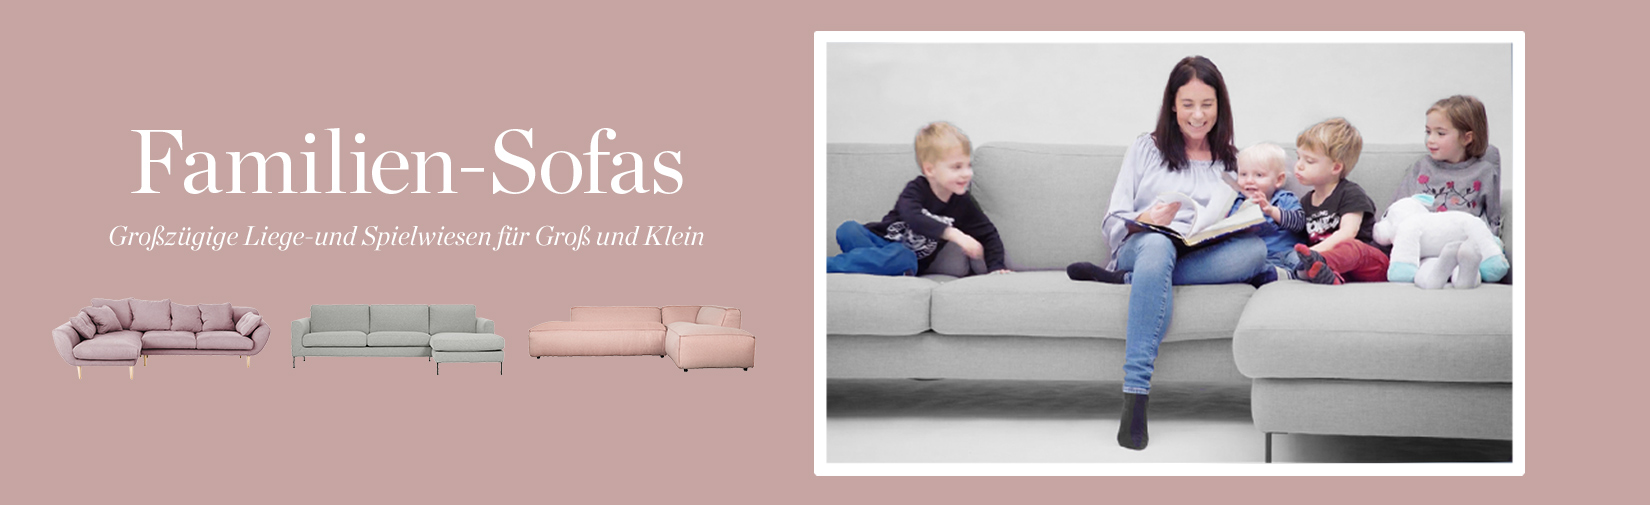 LP_FamilienSofas_desktop